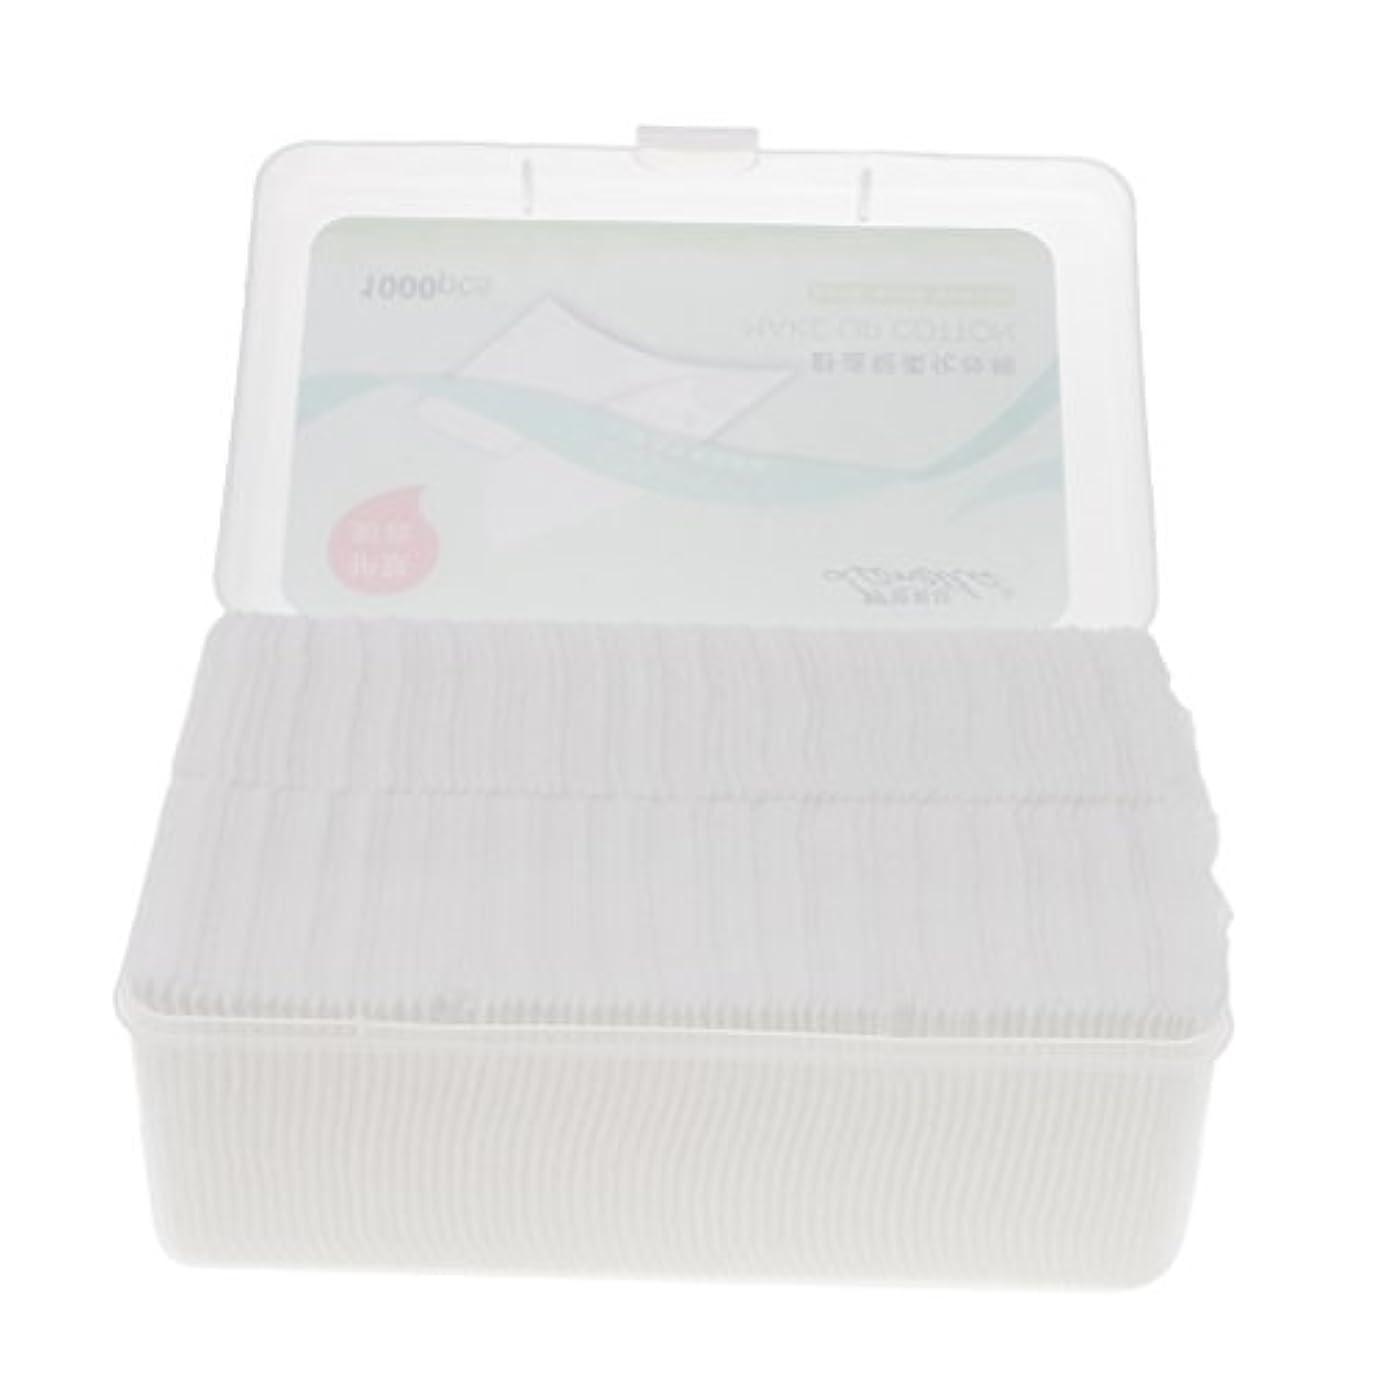 人気のリブ日没Toygogo メイクリムーバー 化粧品パフ コットンパッド 綿パッド ソフト 旅行用品 携帯便利 約1000枚入り